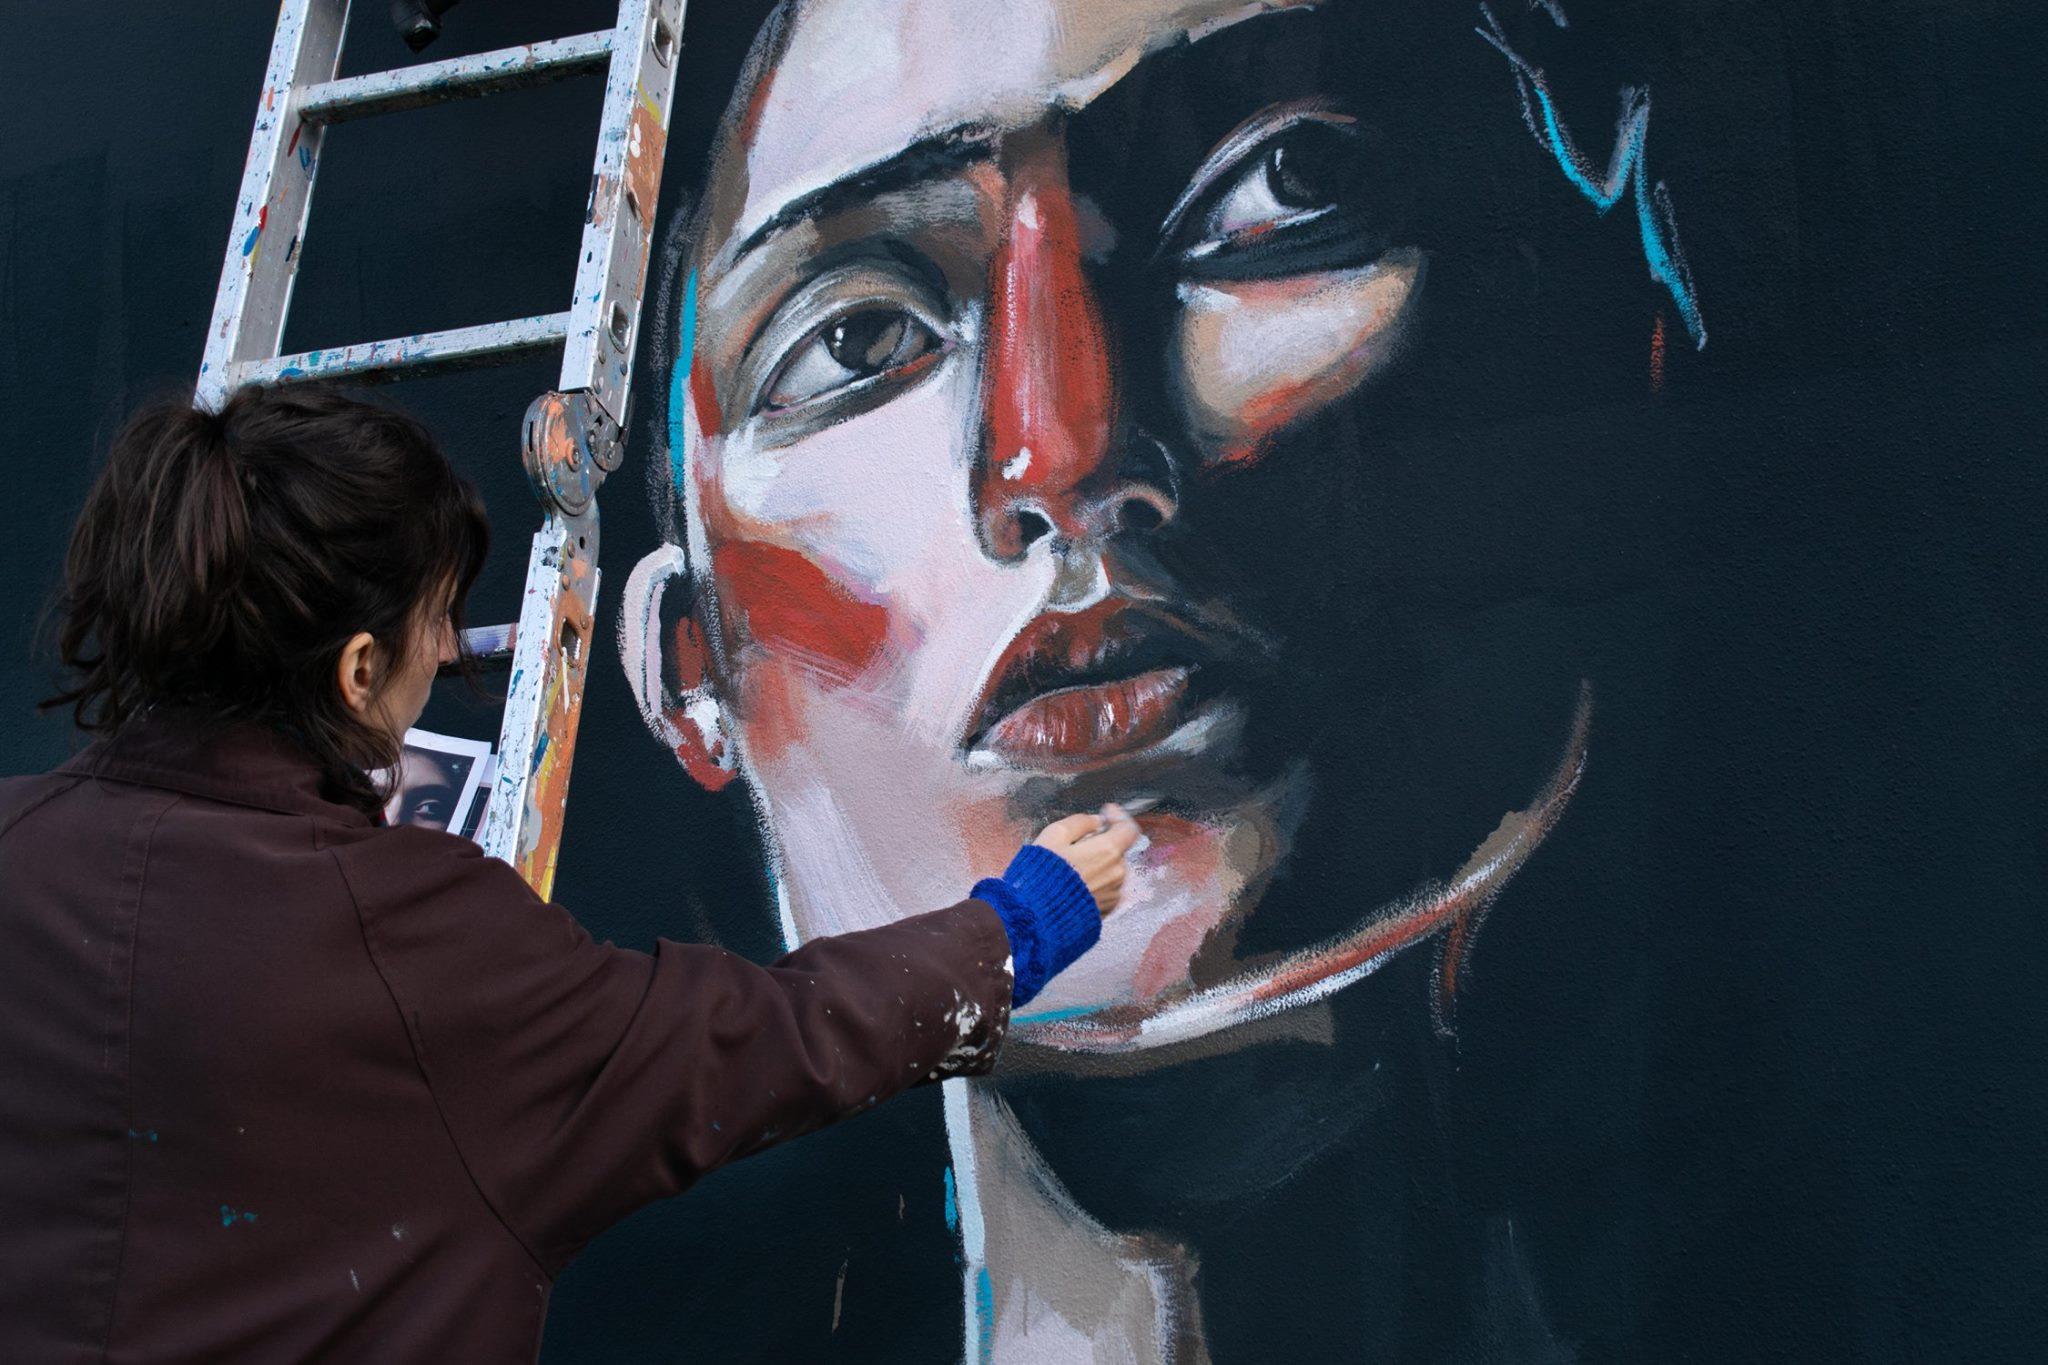 Aqui toda a gente pode pintar: Lisboa vai ter um parque de street art